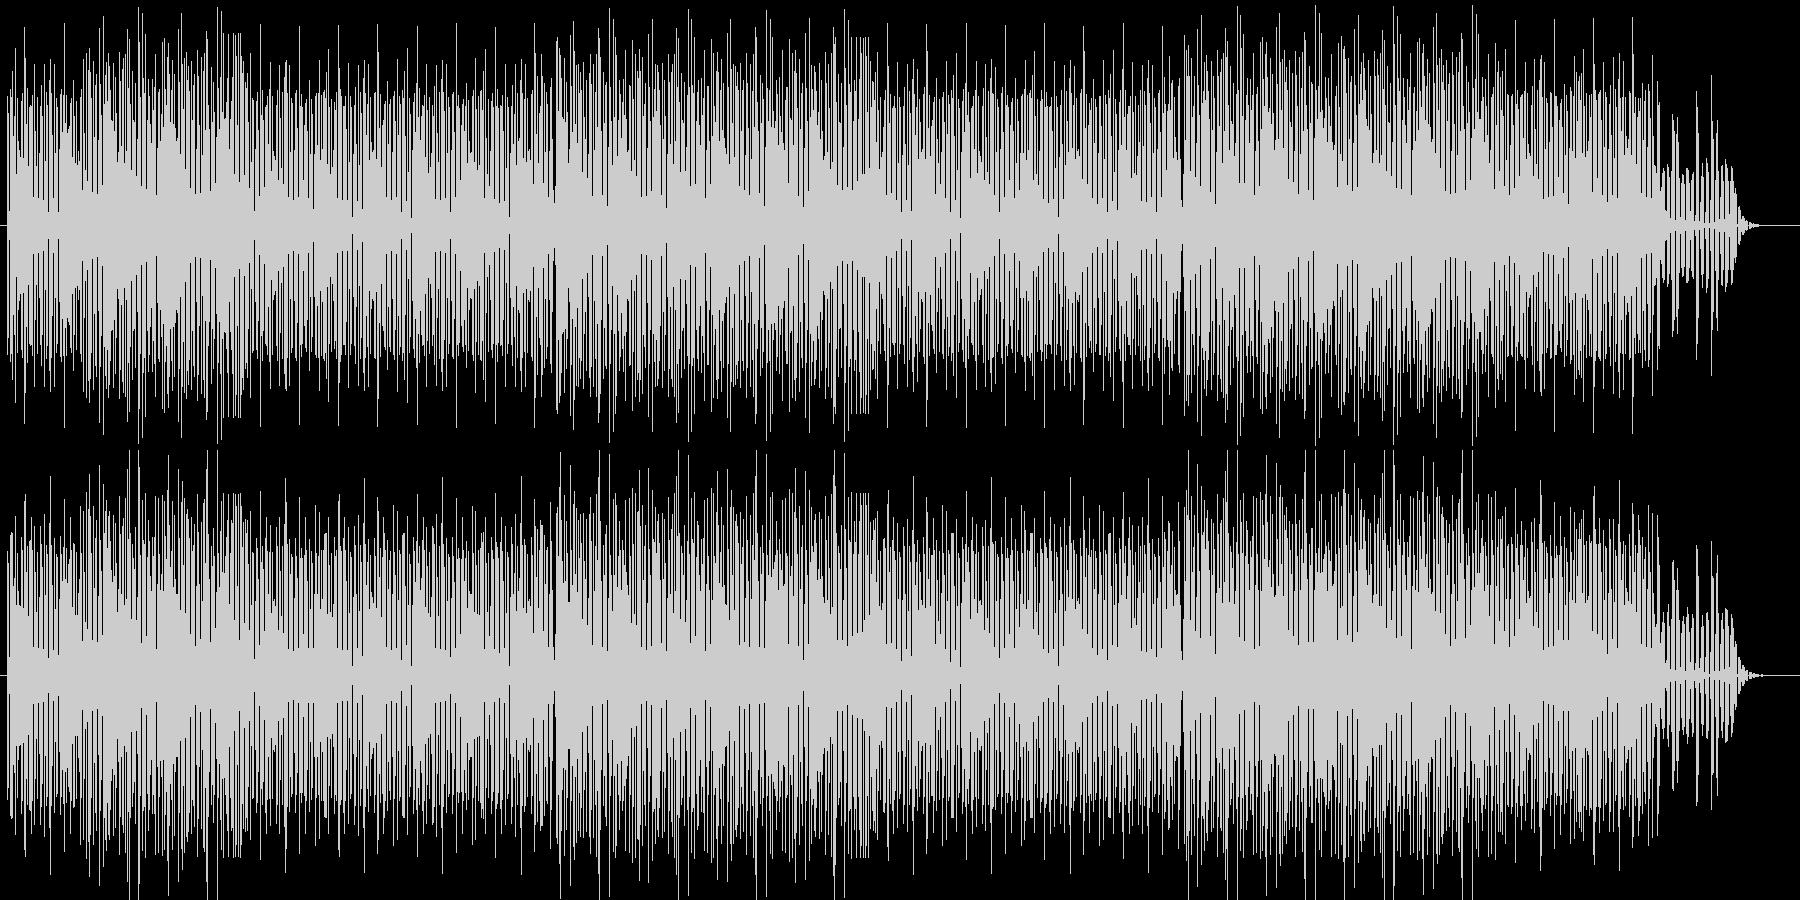 繰り返しのメロディーに次第に癒される曲の未再生の波形